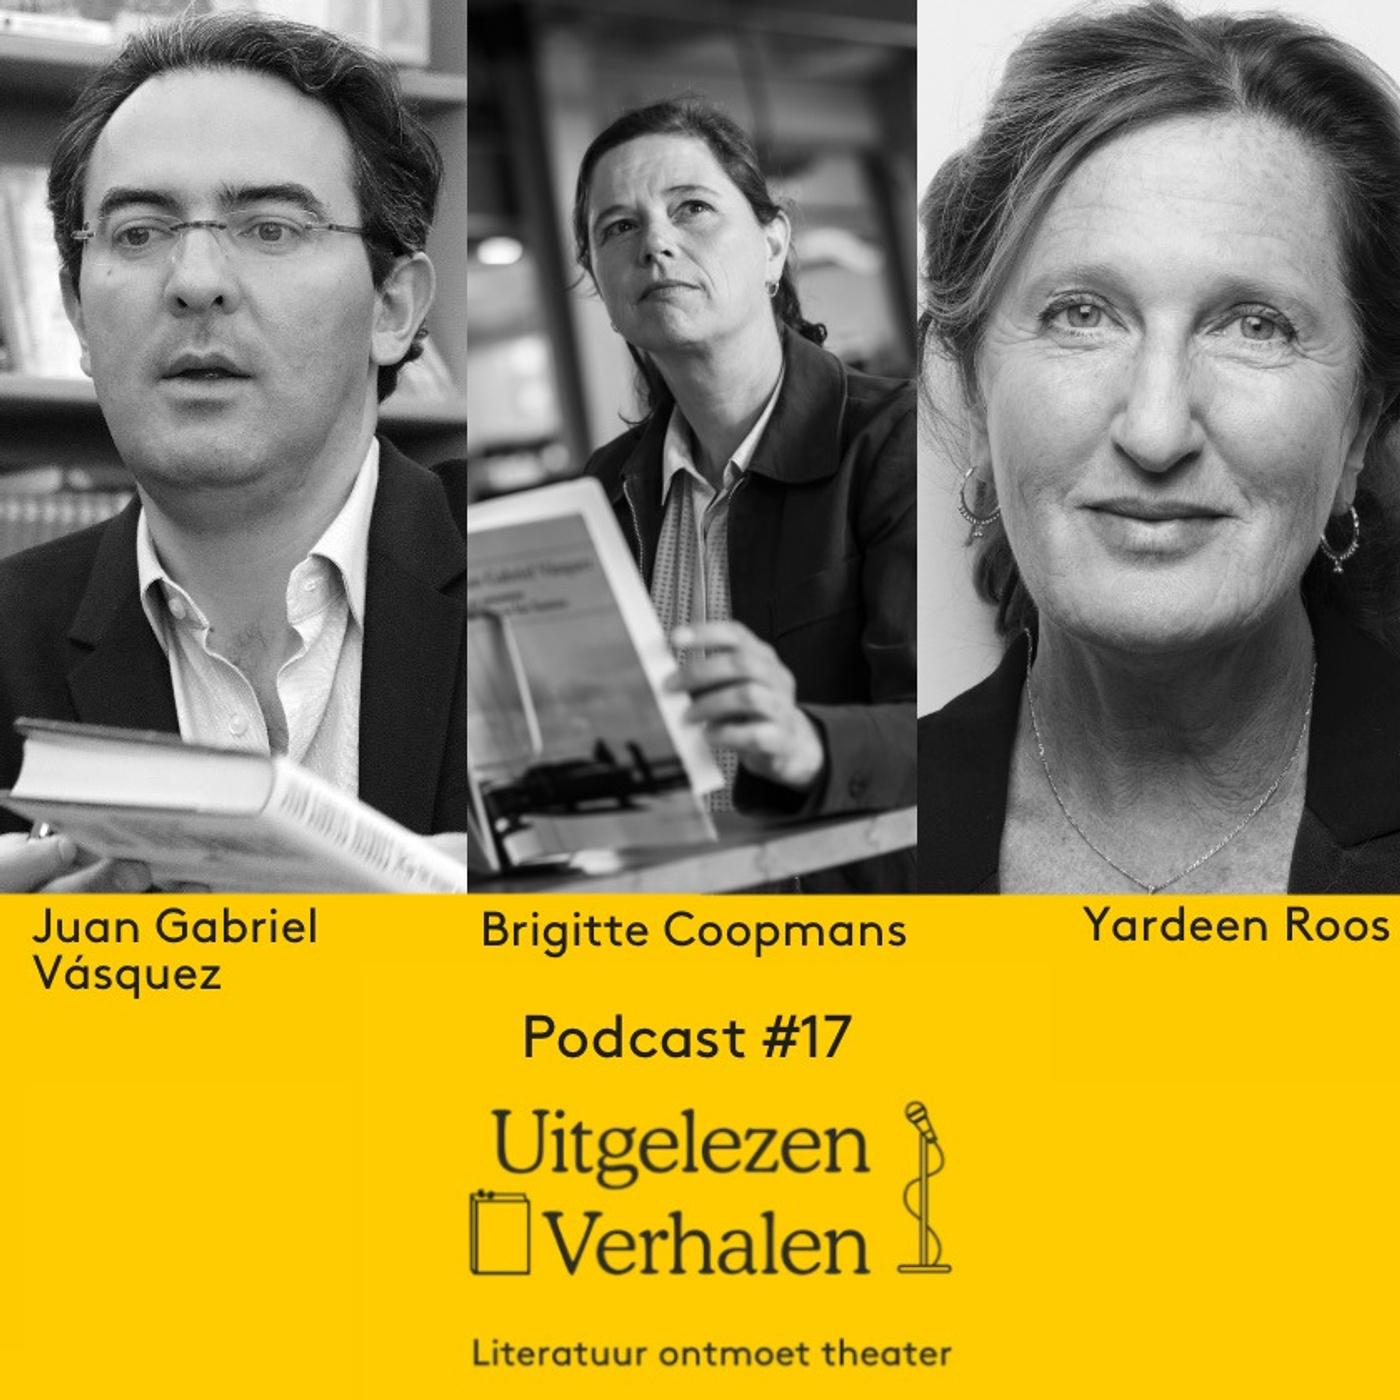 Juan Gabriel Vásquez' verhaal 'De terugkeer' gelezen door Yardeen Roos   nagesprek met vertaler